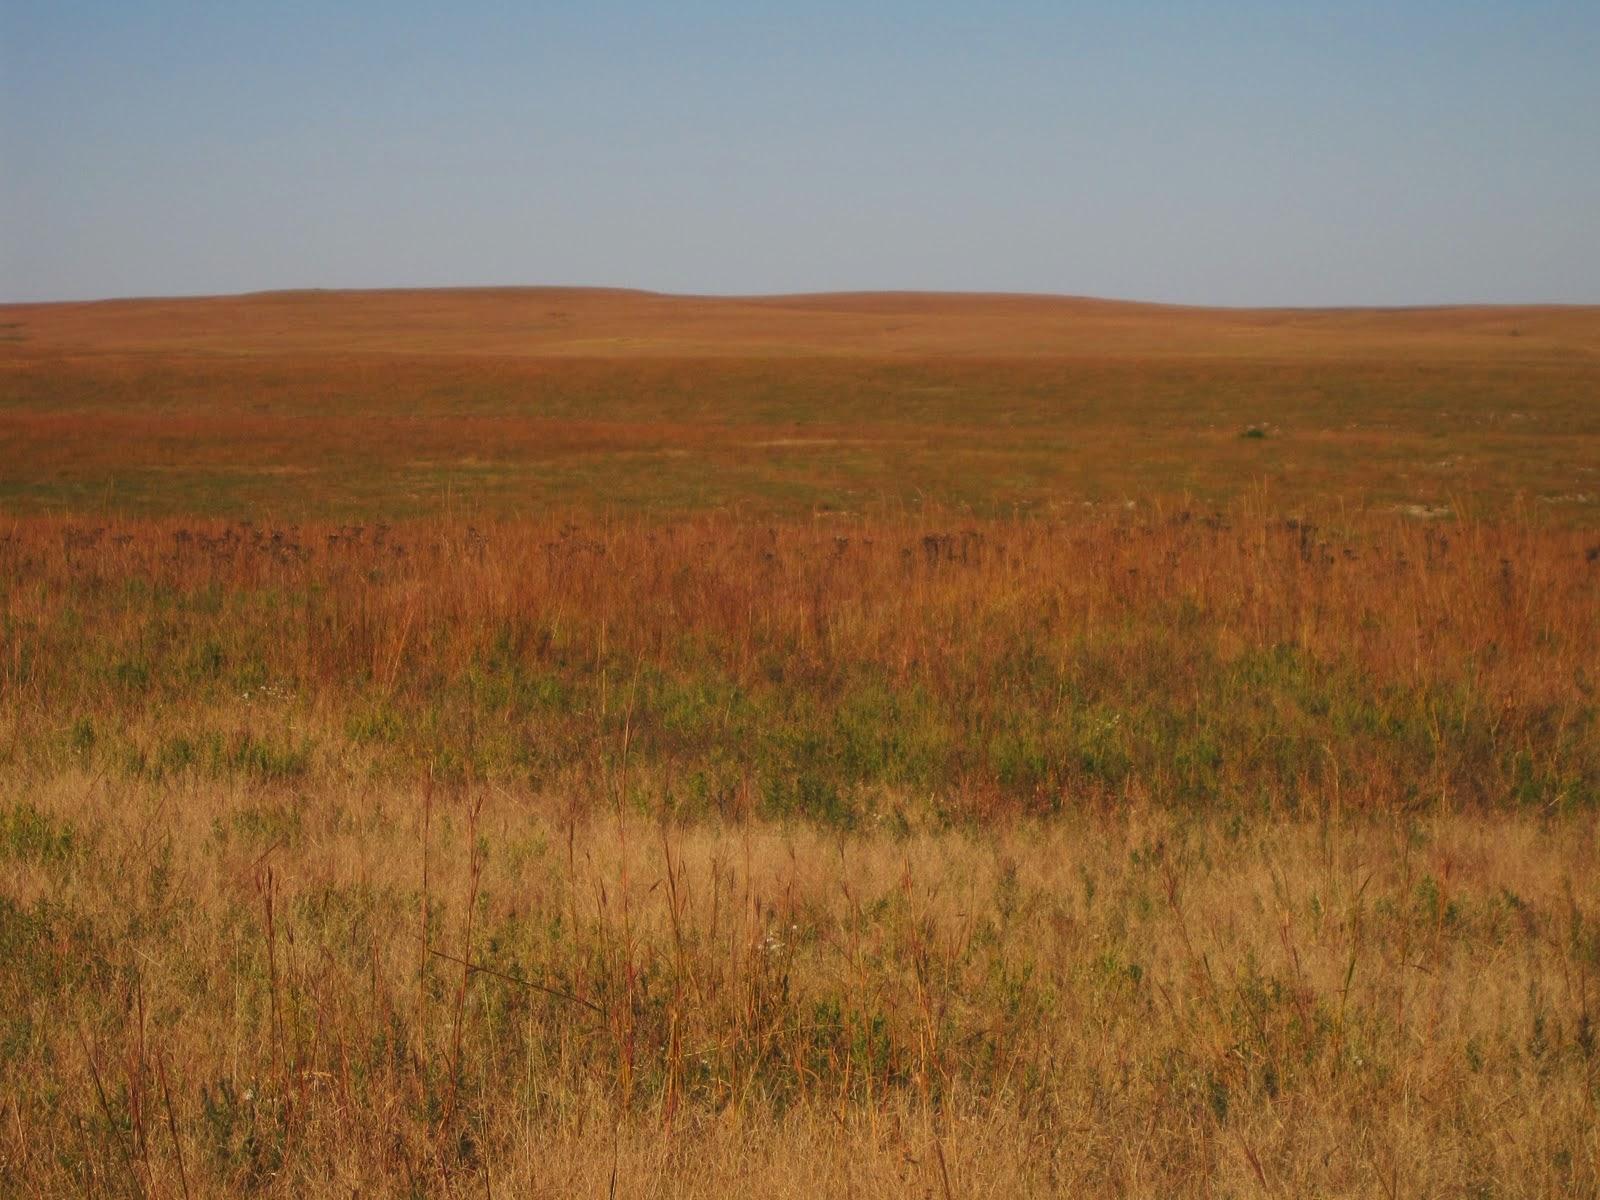 http://www.taylorlenz.com/2010/10/visiting-tallgrass-prairie-national.html